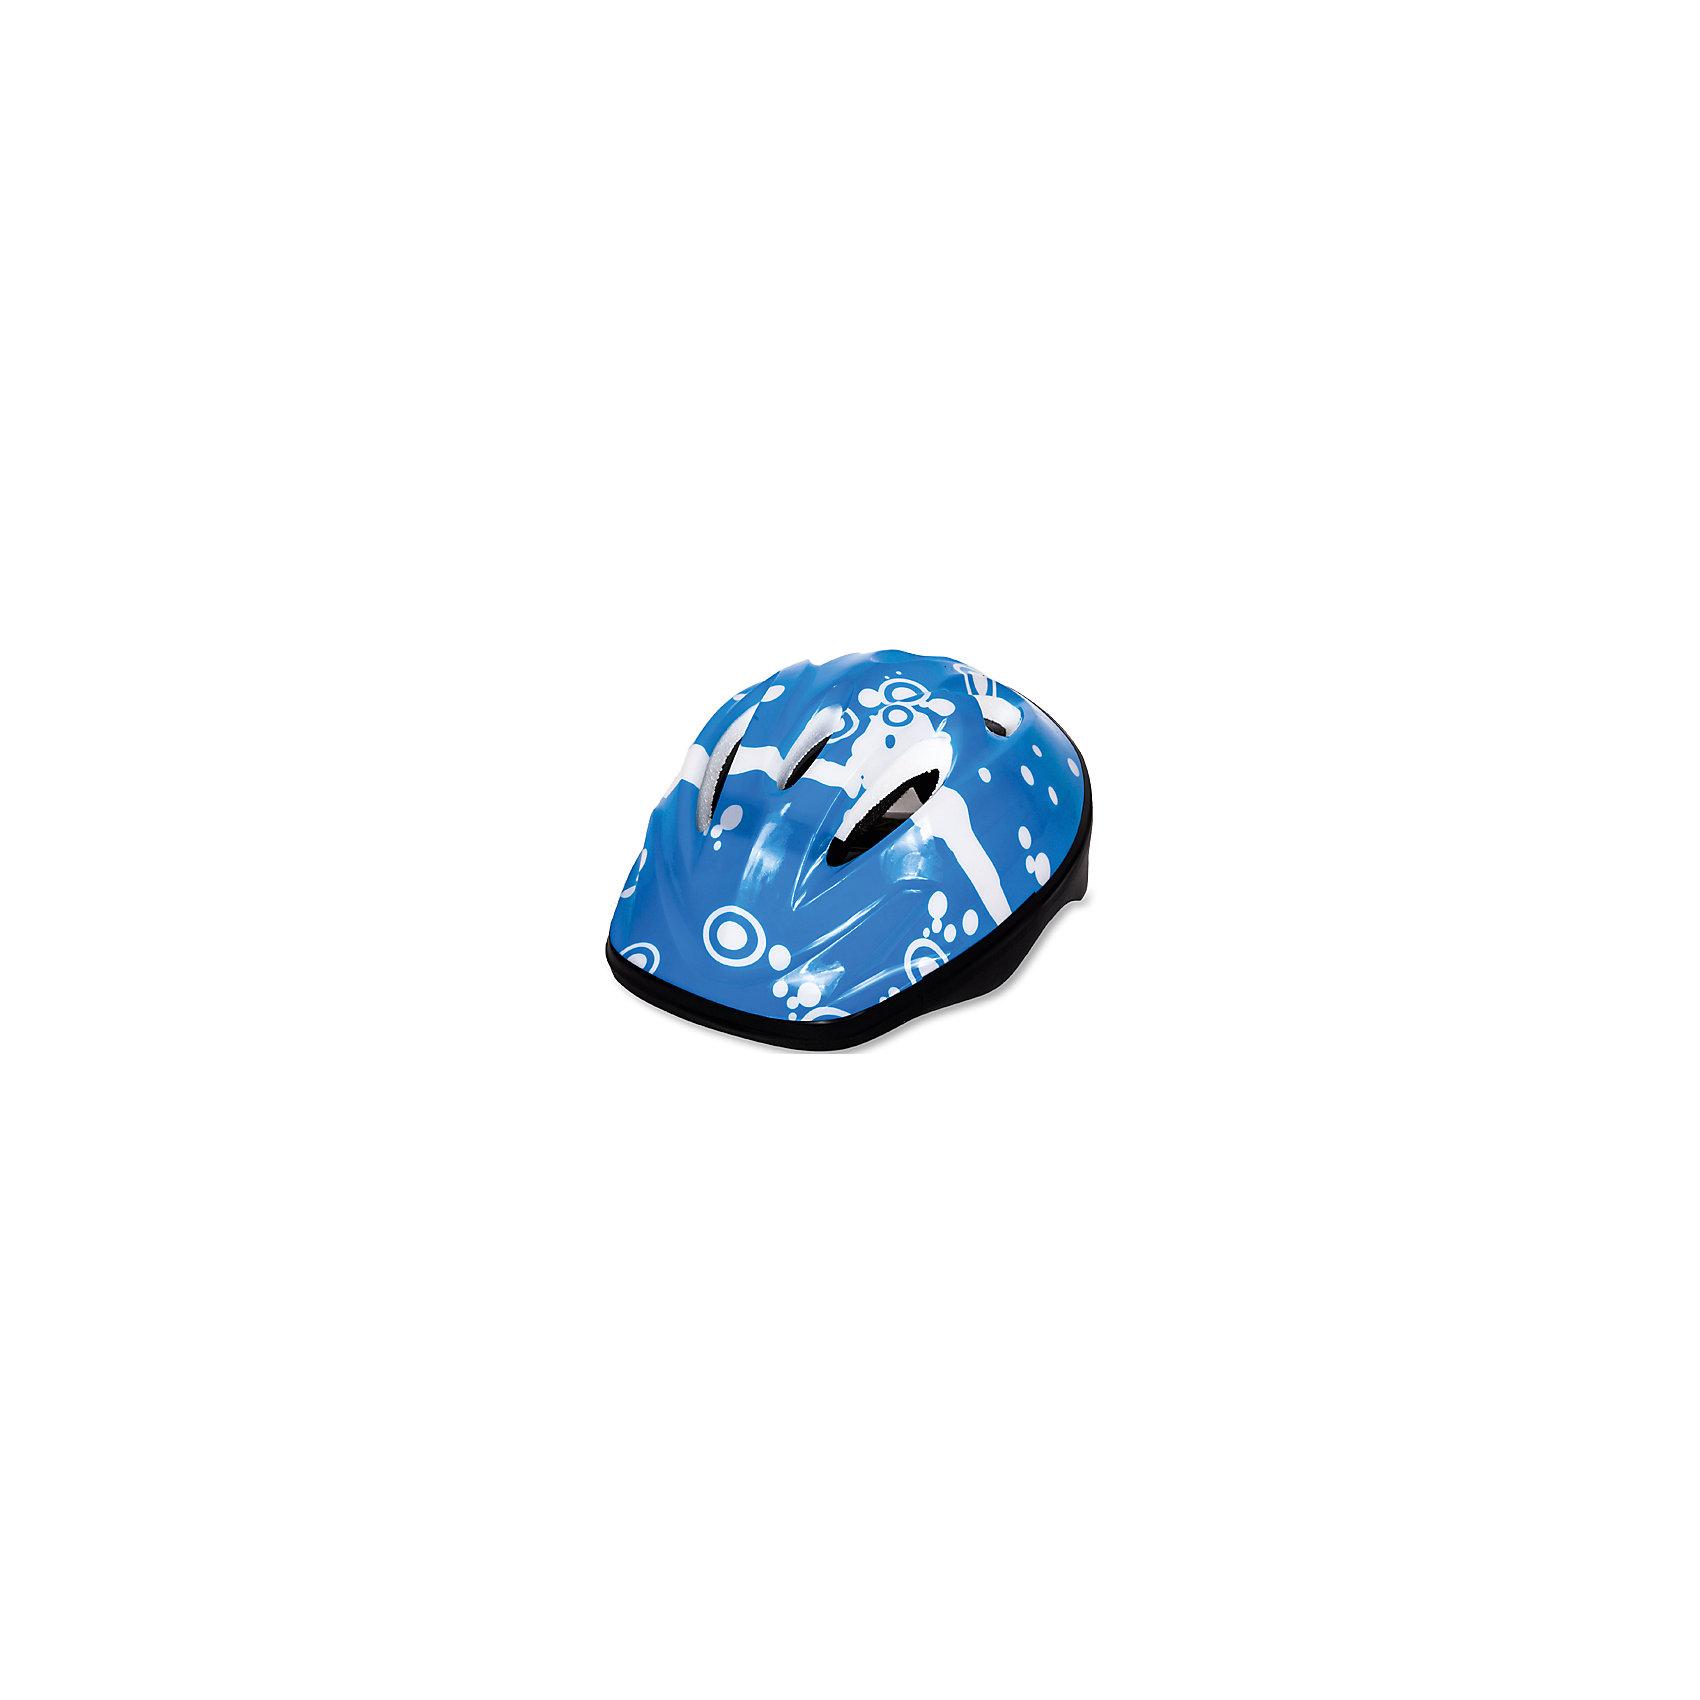 Zilmer Защитный шлем Энерджи, Zilmer, в ассортименте